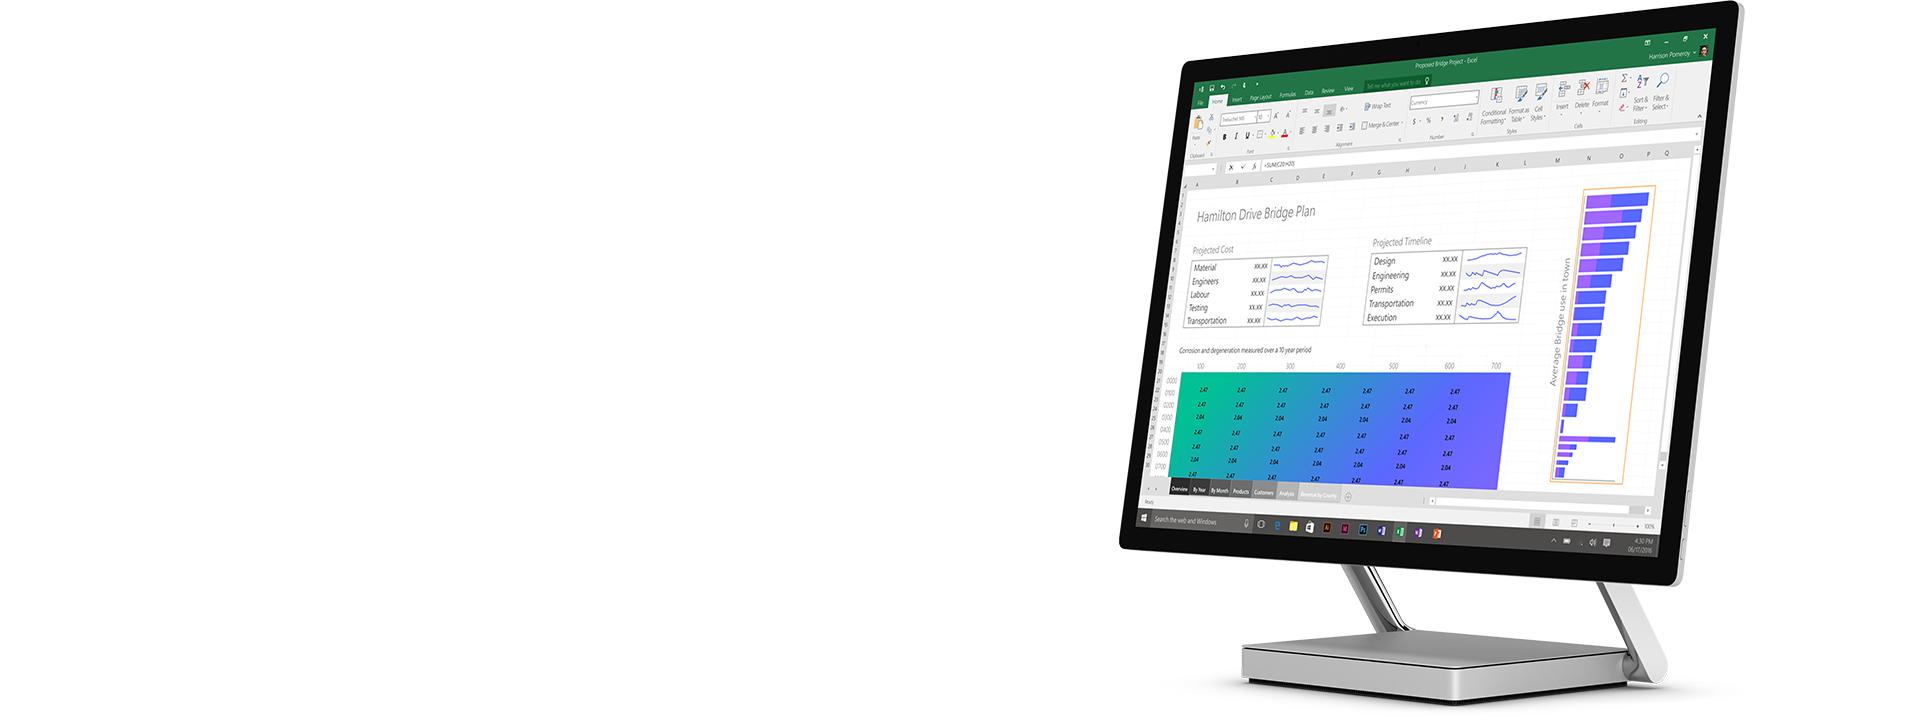 Surface Studio en mode bureau avec une feuille de calcul Excel ouverte à l'écran